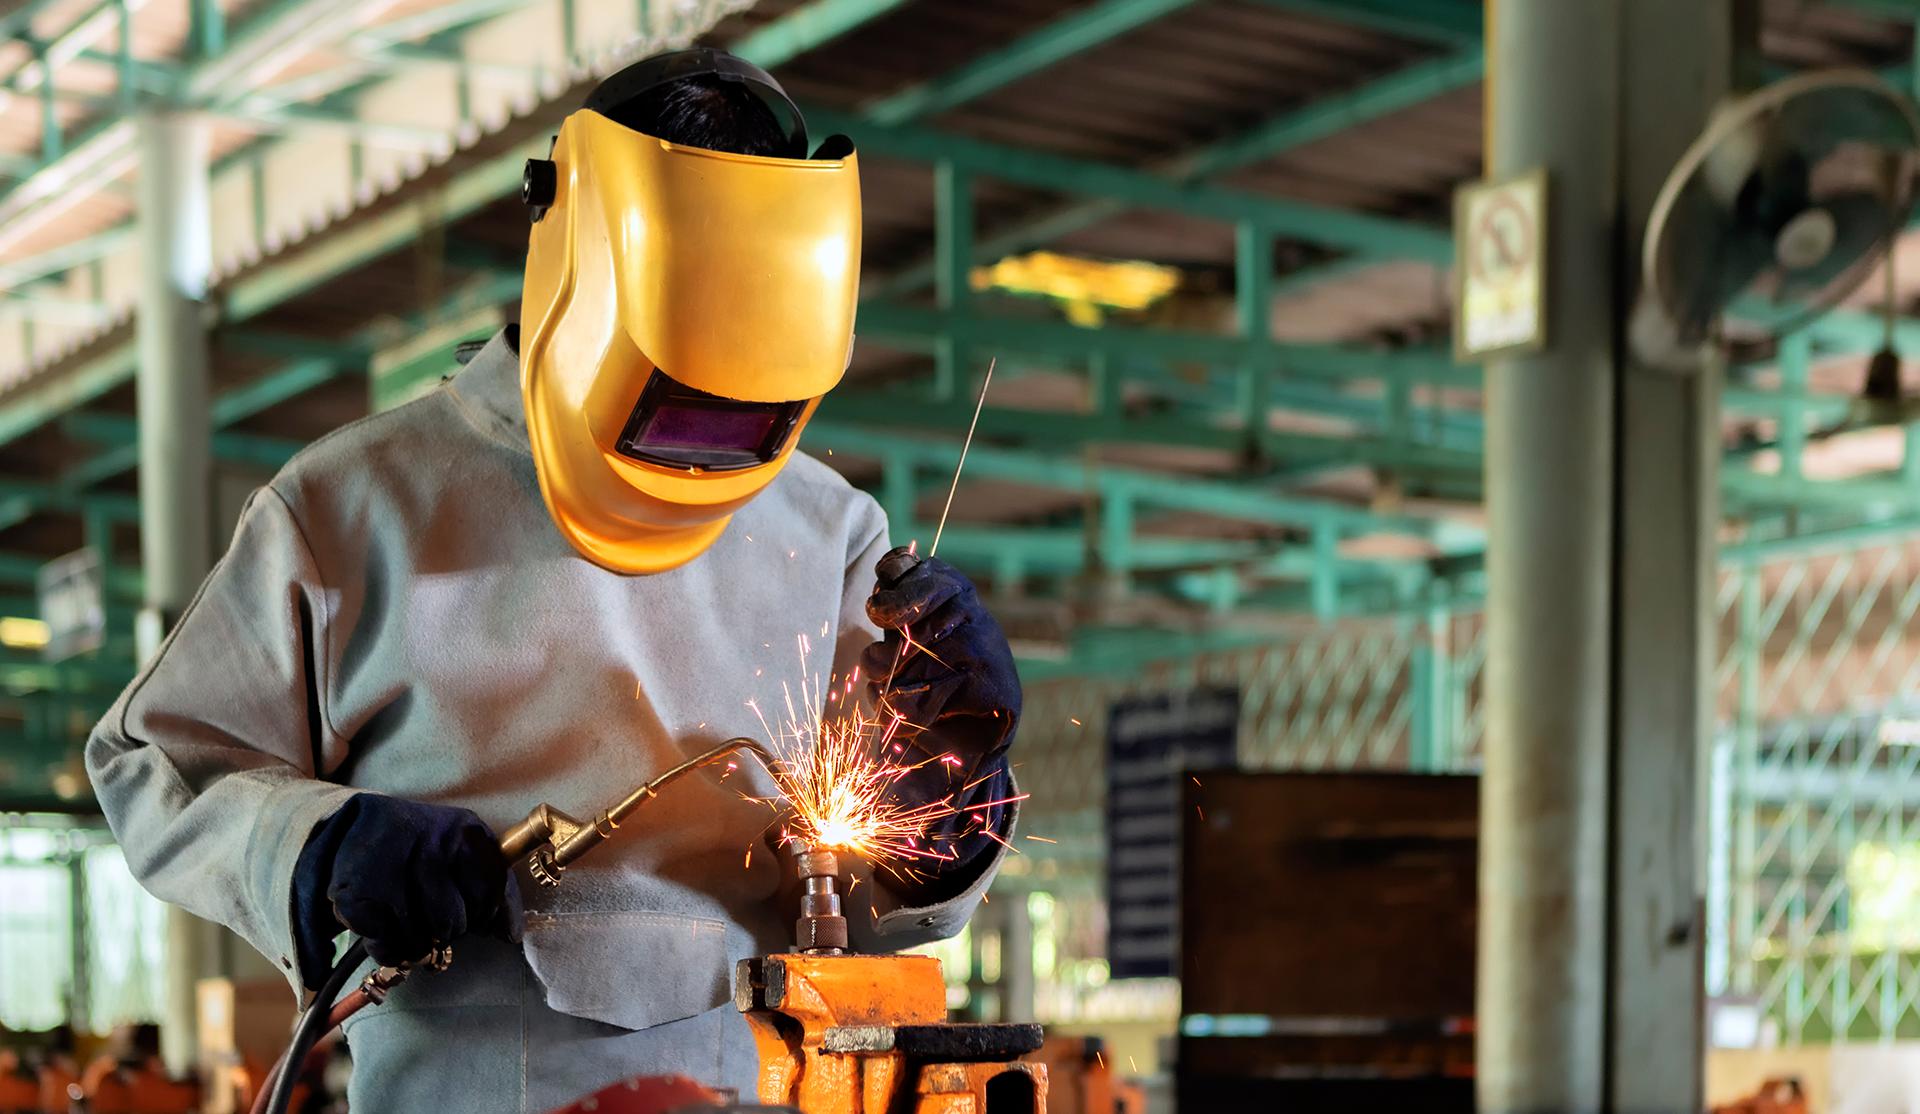 soldador con máscara en taller